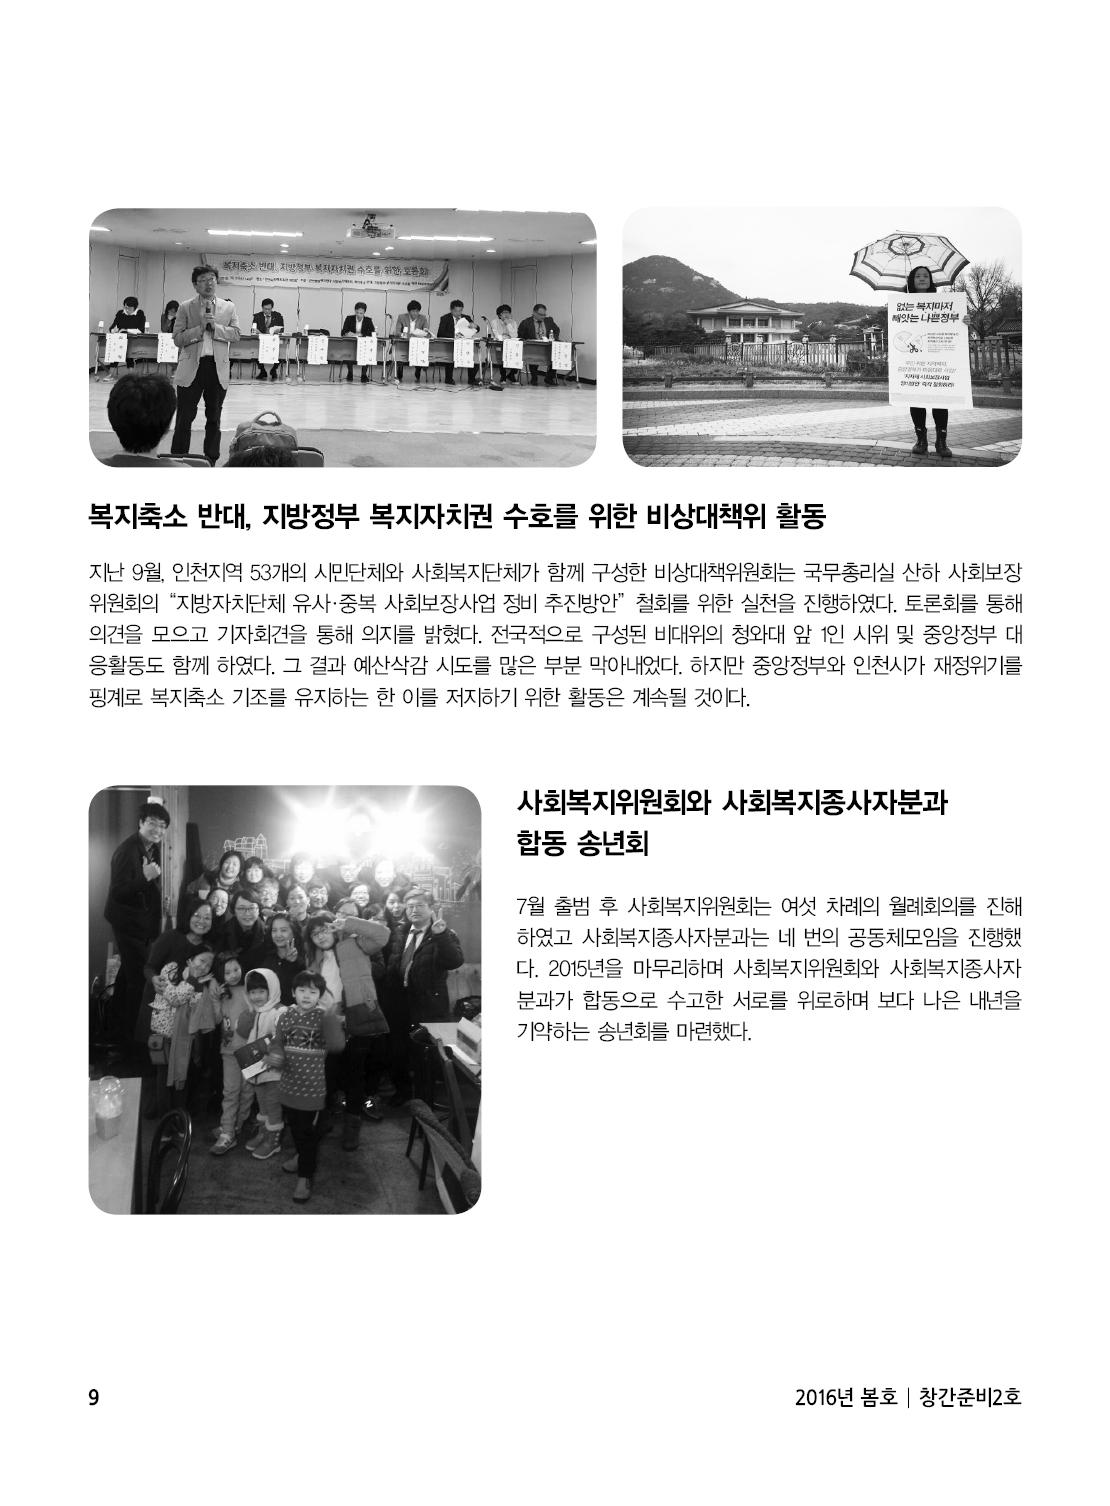 아웃라인 인천평화복지연대 창간준비2호9.jpg